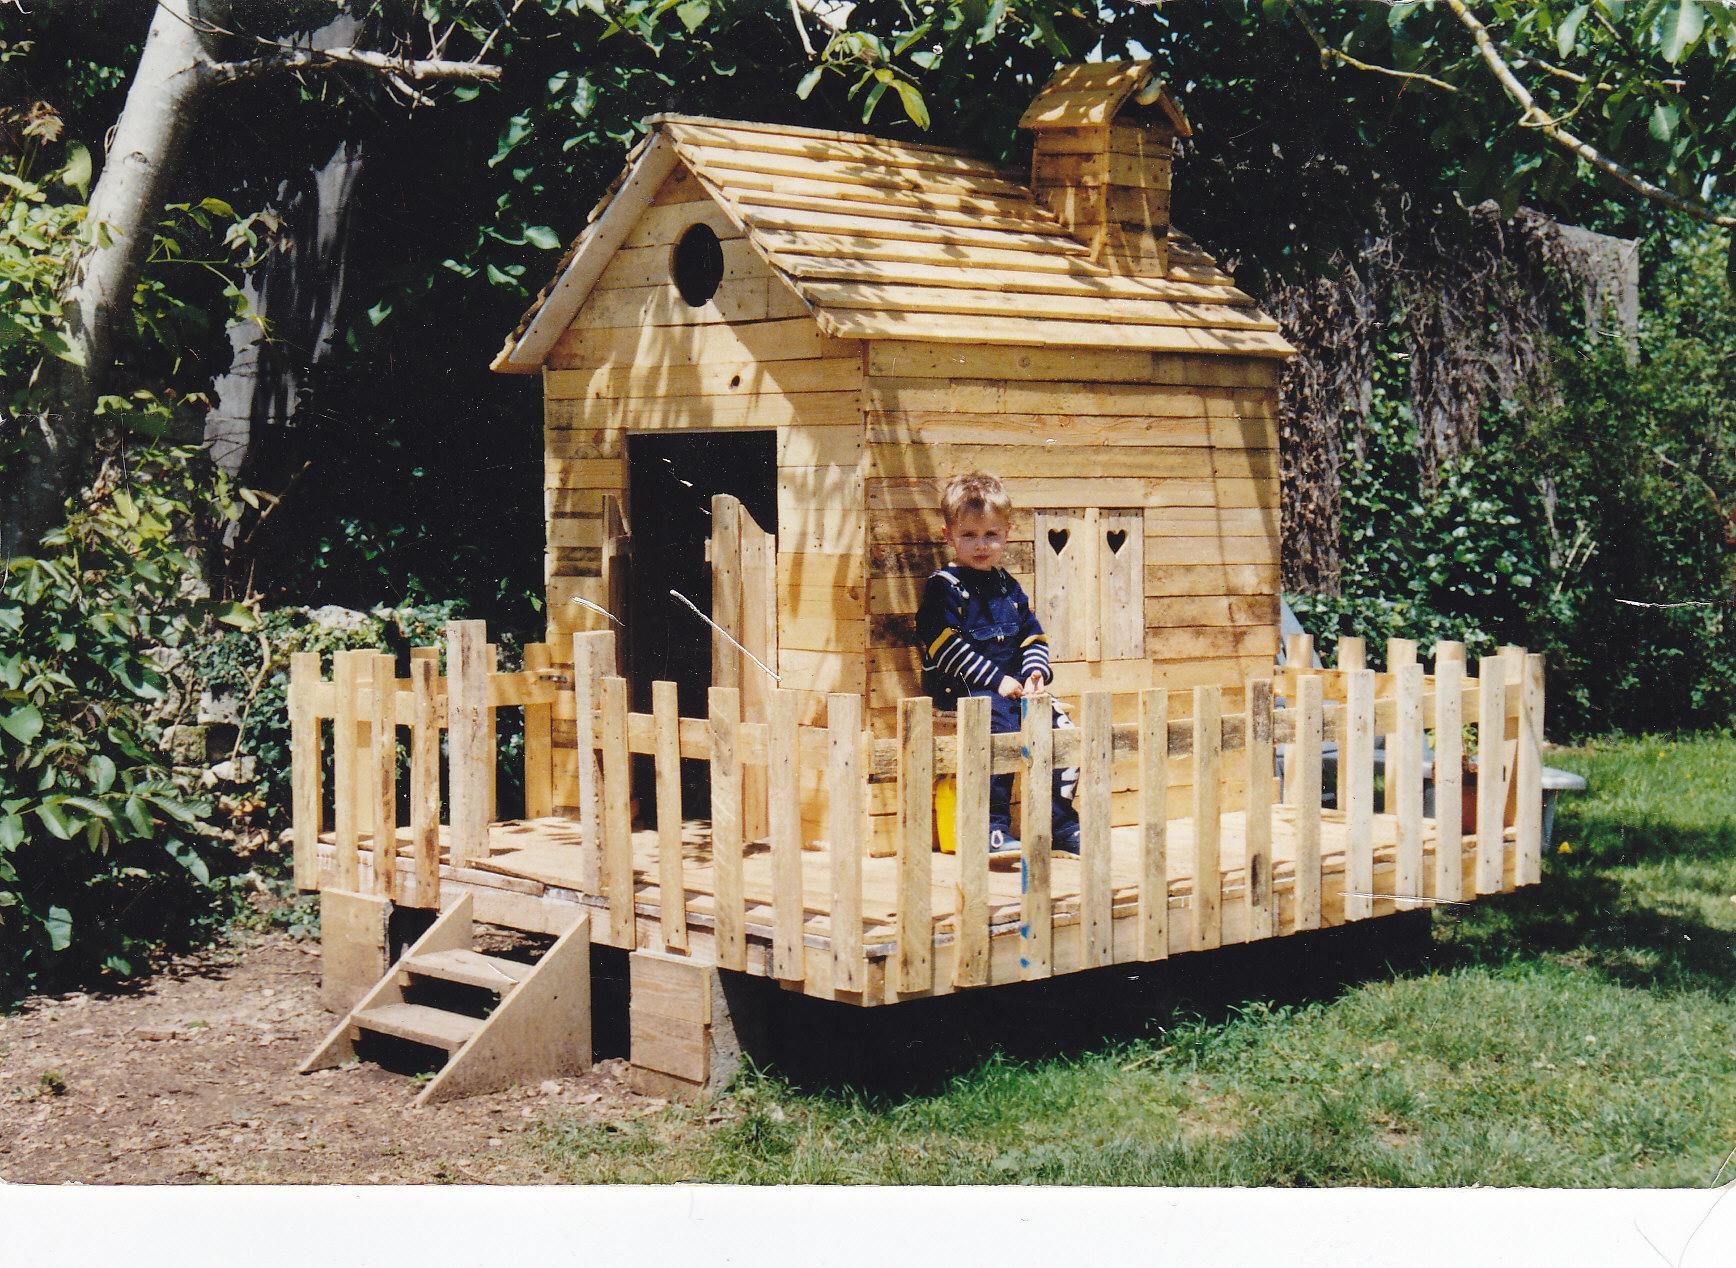 Cabanne Pour Enfant - 1 Photos - Celestiris à Cabanne Jardin Enfant